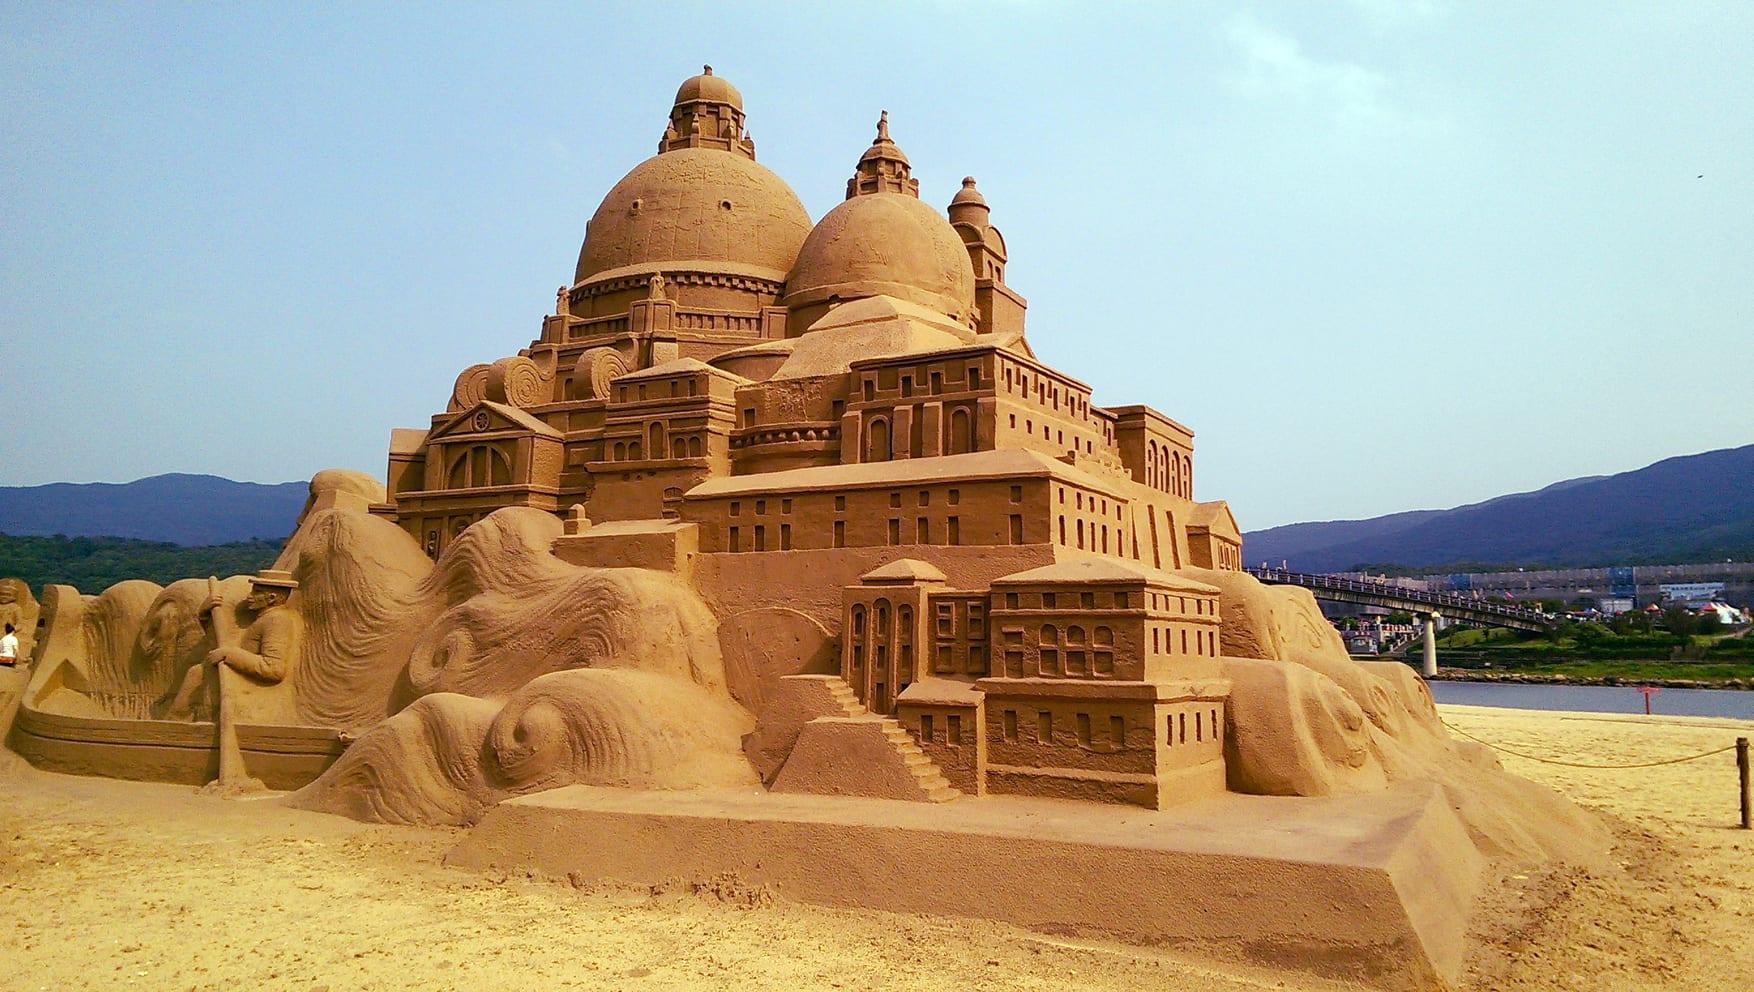 福隆海水浴場,每年都會舉辦沙雕展,吸引大批遊客前往。圖片取自:維基百科